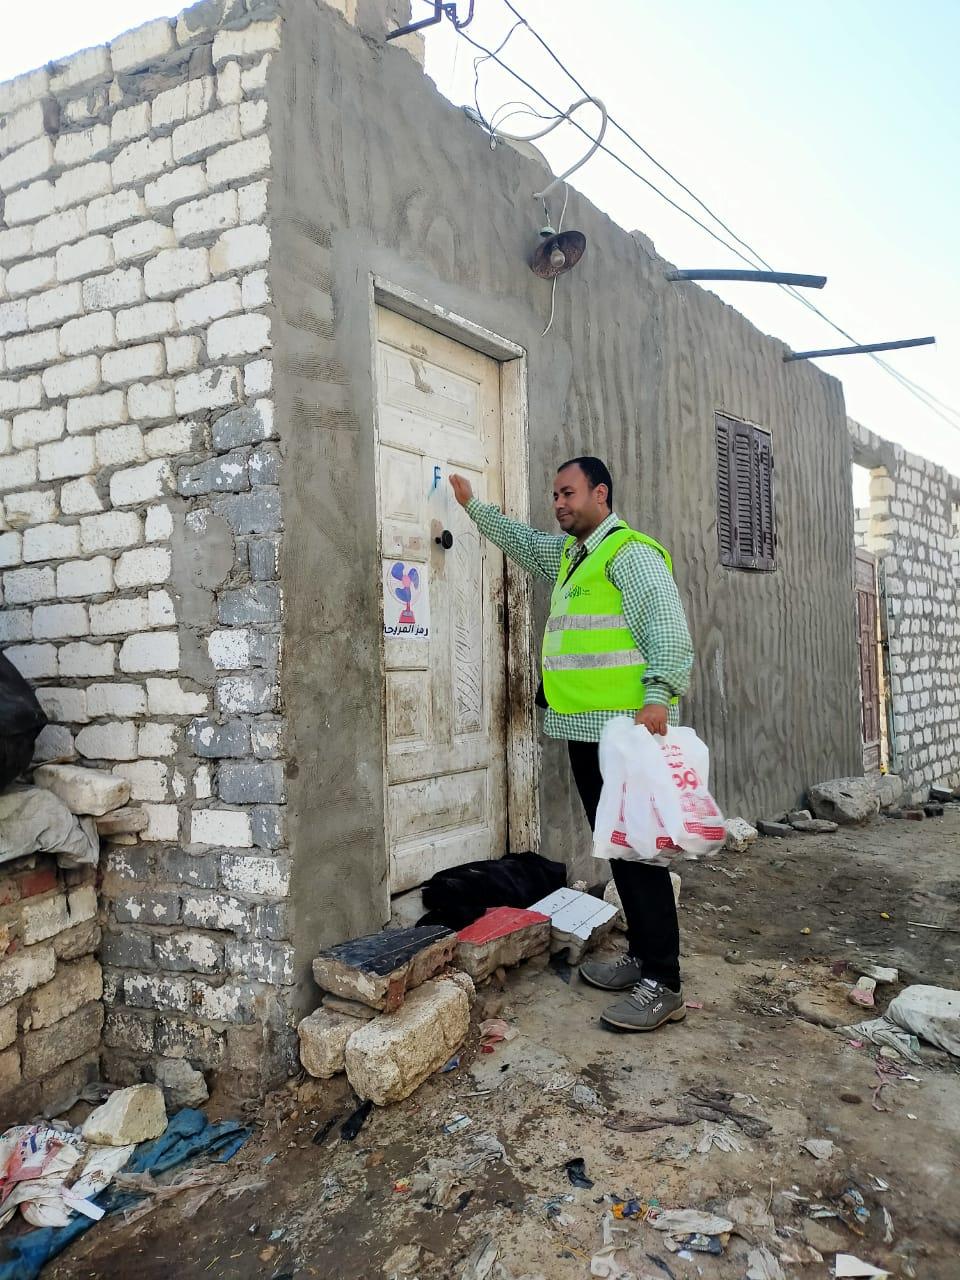 توزيع 3600 كجم  لحوم مجمدة على الأسر الأكثر احتياجا بنطاق 5 مراكز بالبحيرة